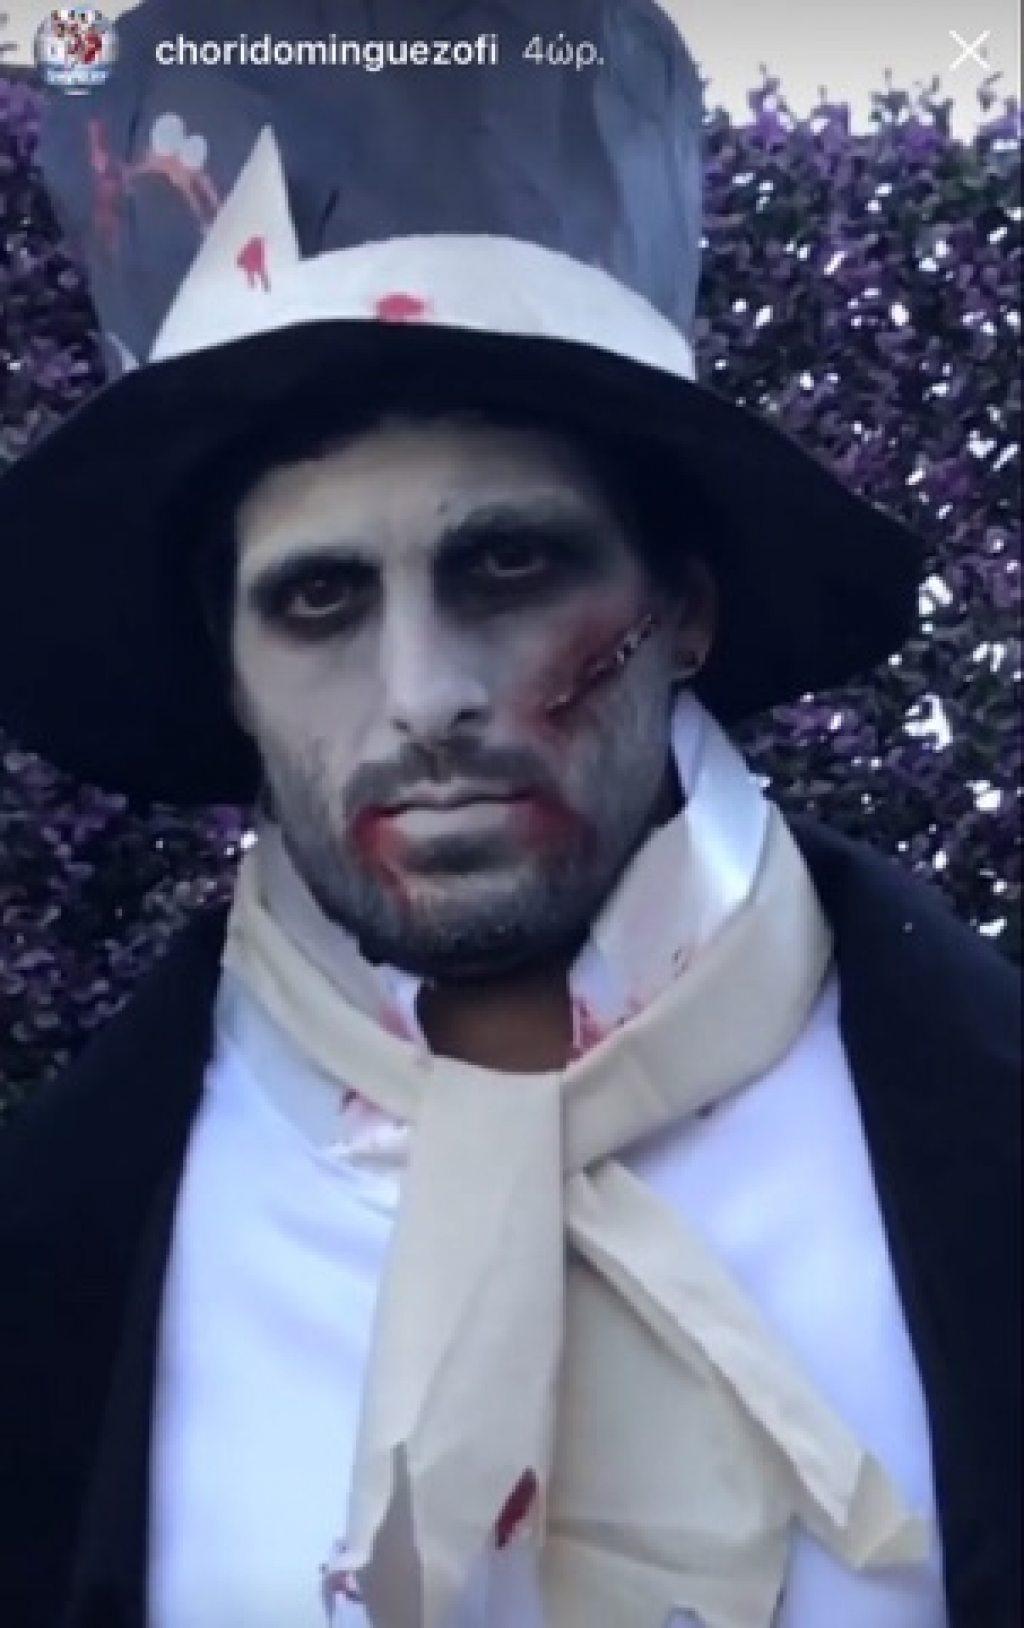 Σχεδόν αγνώριστος! H μεταμφίεση του Tσόρι Ντομίνγκες για το Halloween (pics)